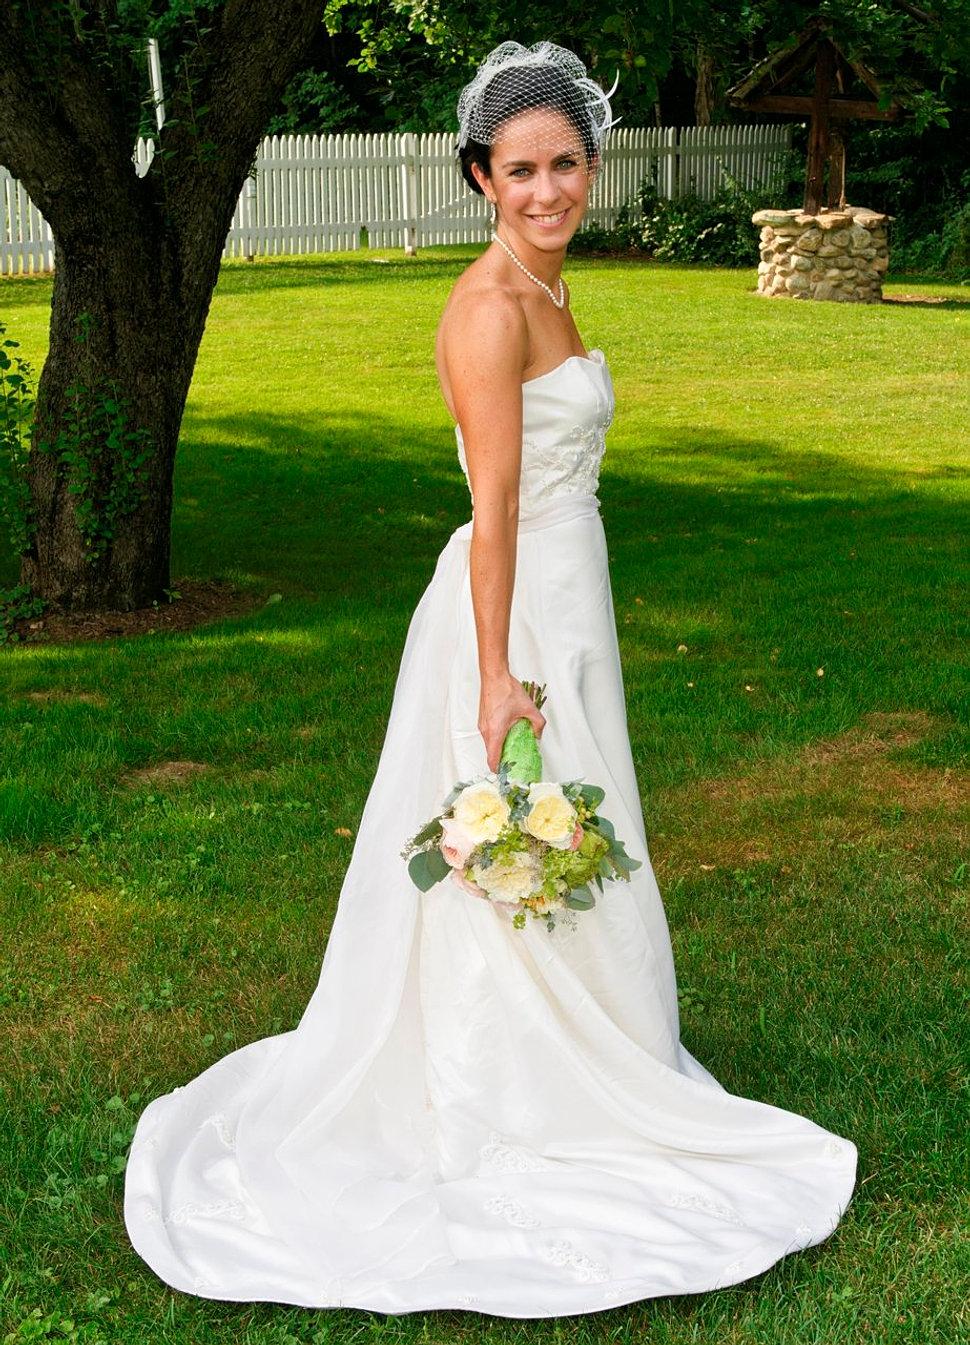 greenandbluedcweddings green wedding dress Wedding Gown